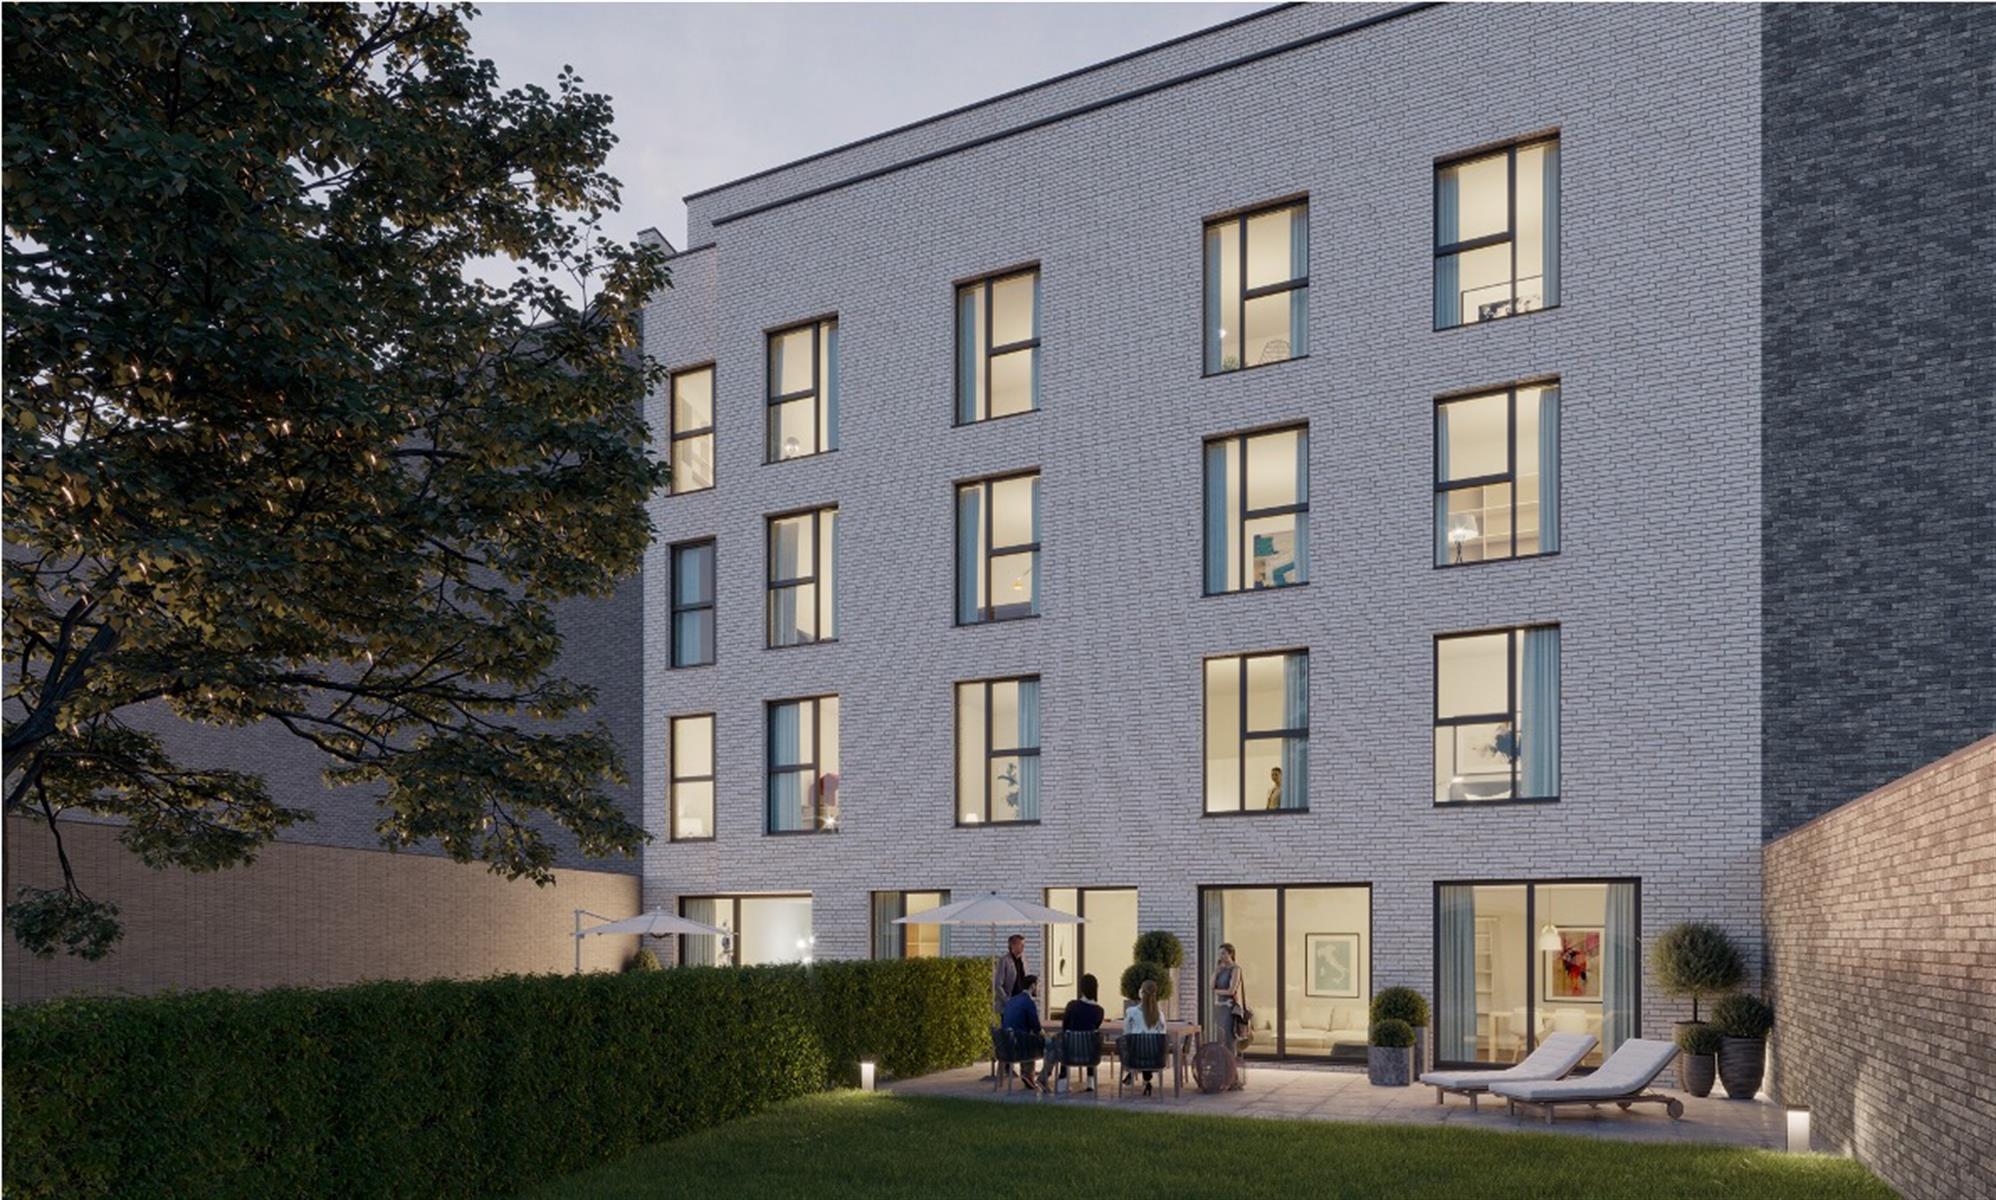 Ground floor with garden - Molenbeek-Saint-Jean - #4146201-3